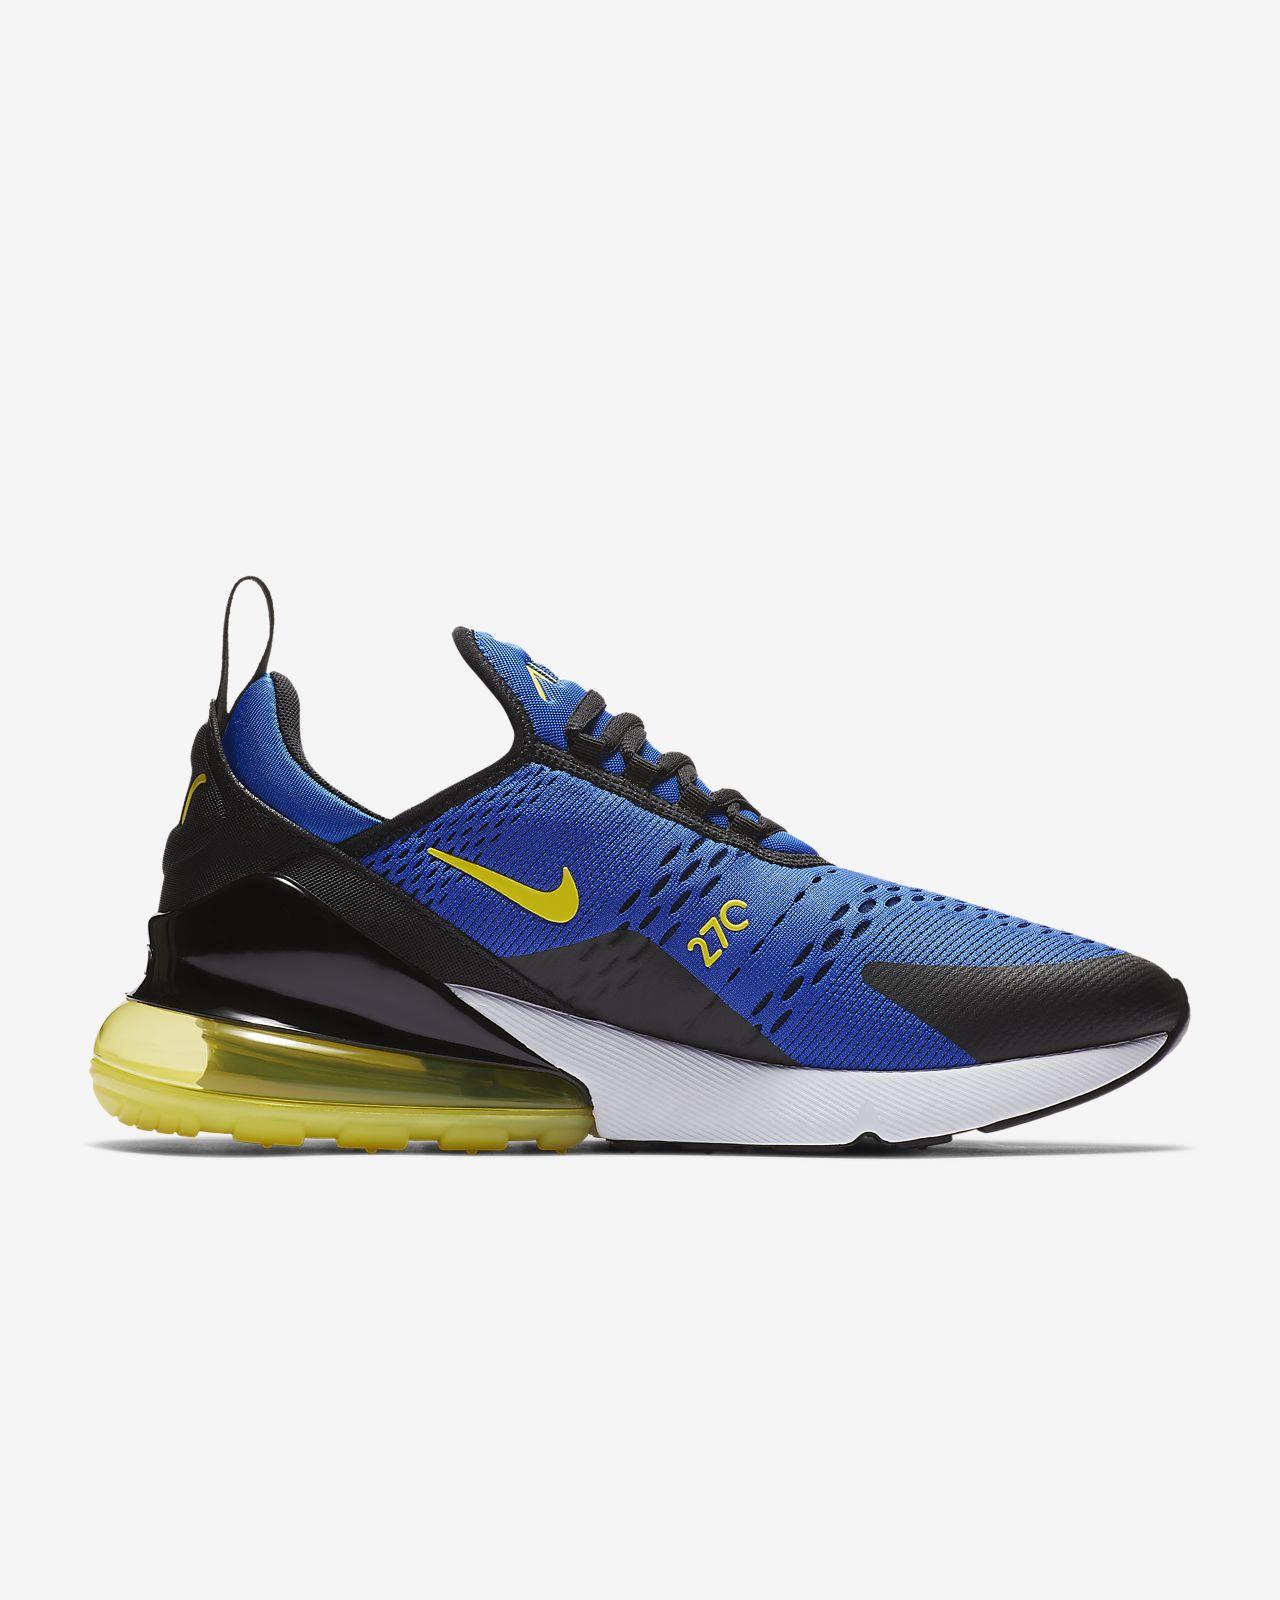 reputable site 7b258 66db9 ... Nike Air Max 270 Mens Shoe